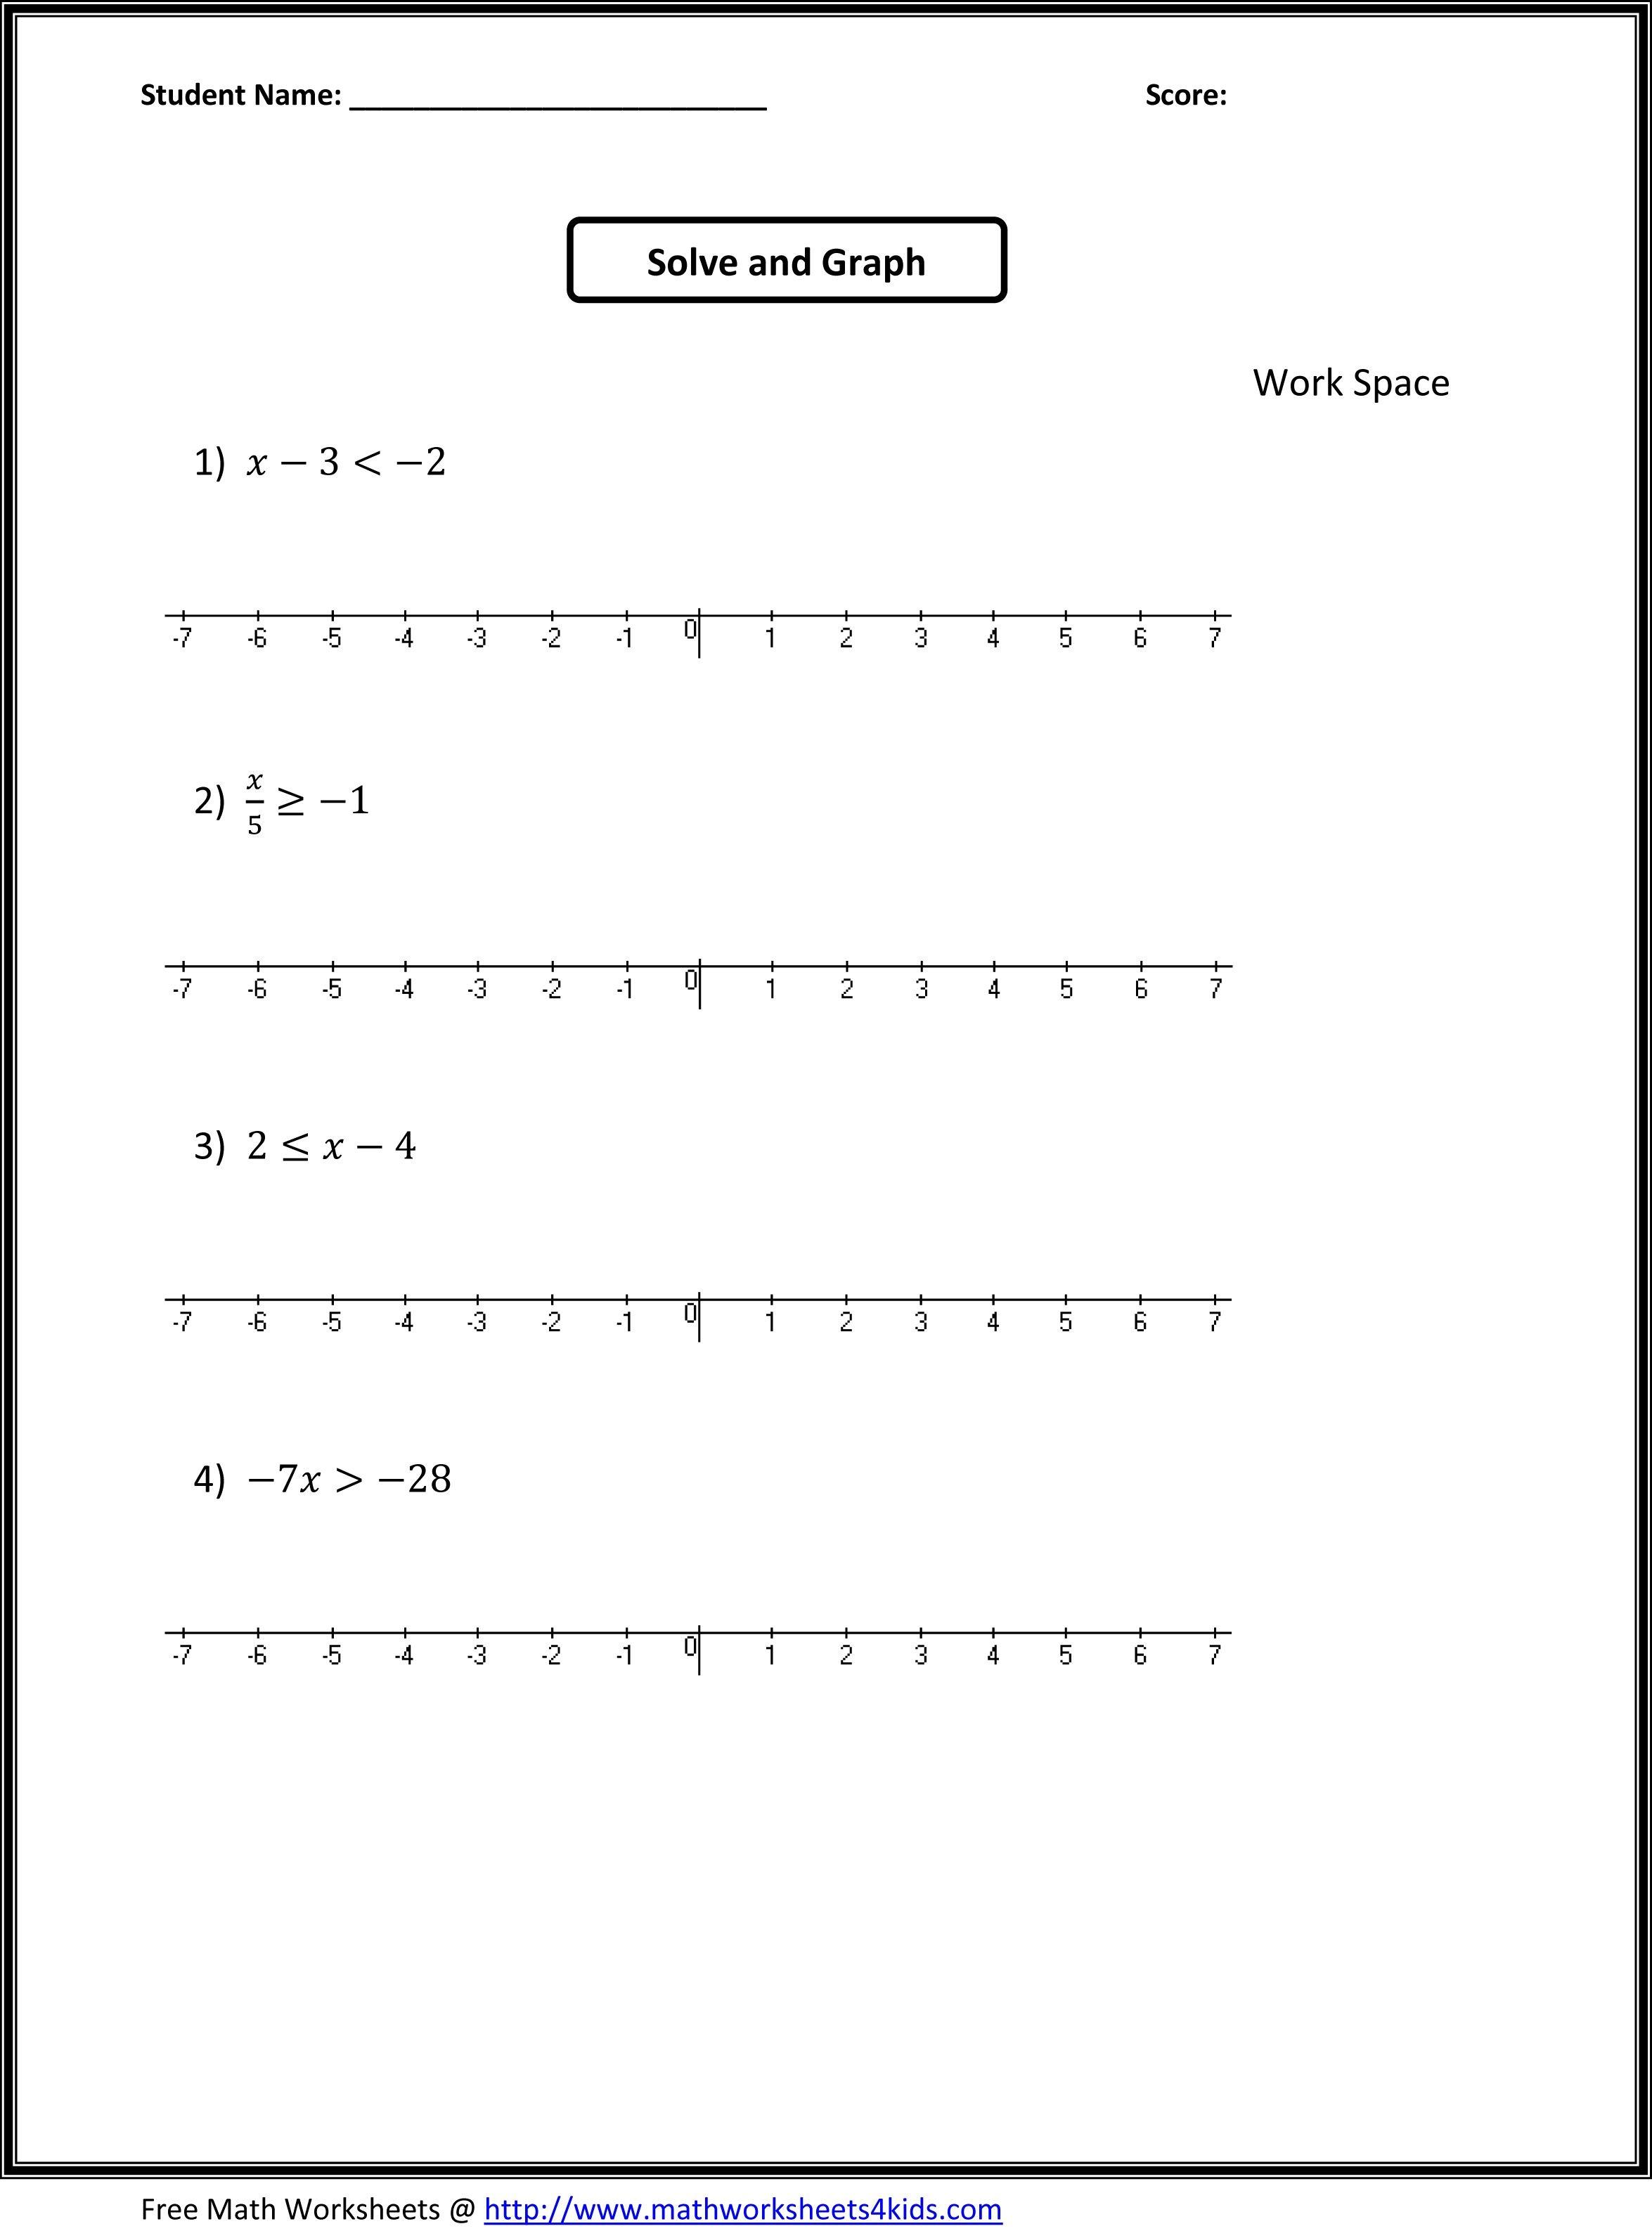 7Th Grade Algebra Worksheets | 7Th Grade Math Worksheets | Places To - Free Printable 8Th Grade Algebra Worksheets